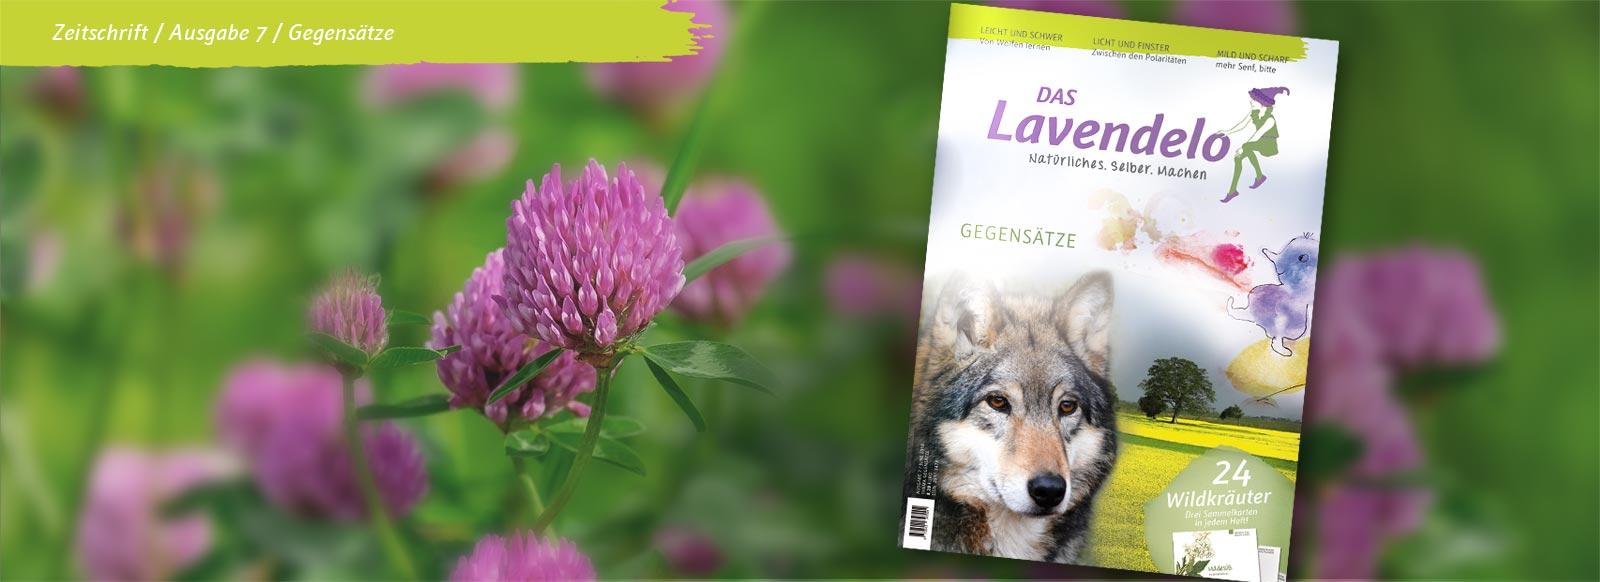 Lavendelo 7 Gegensätze